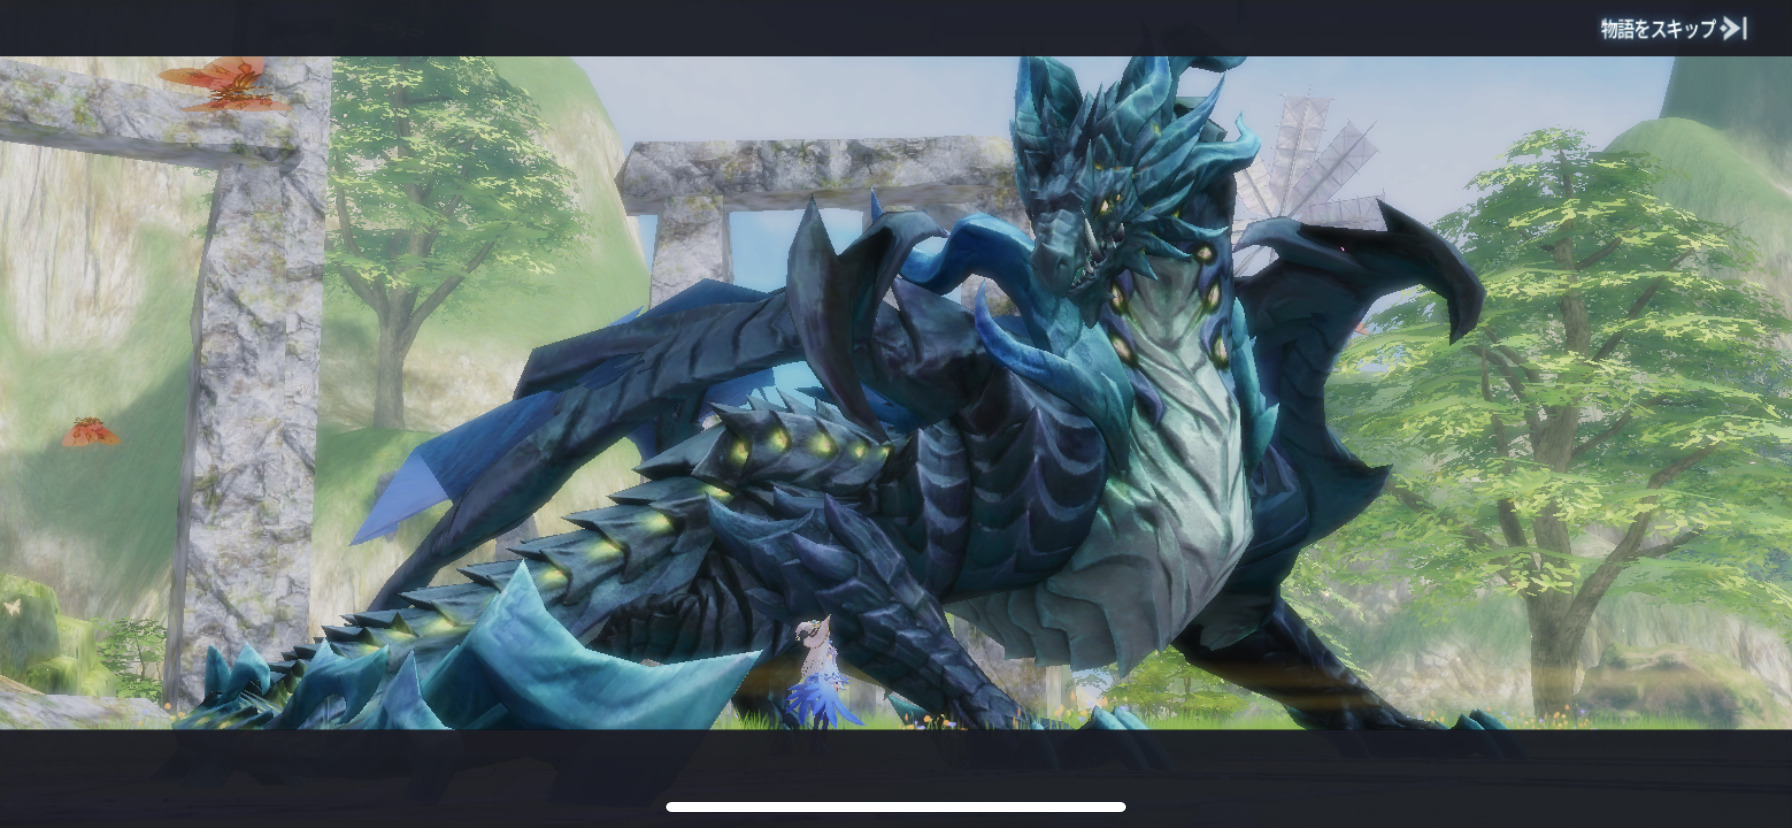 ドラゴンガーディアンのゲーム画像